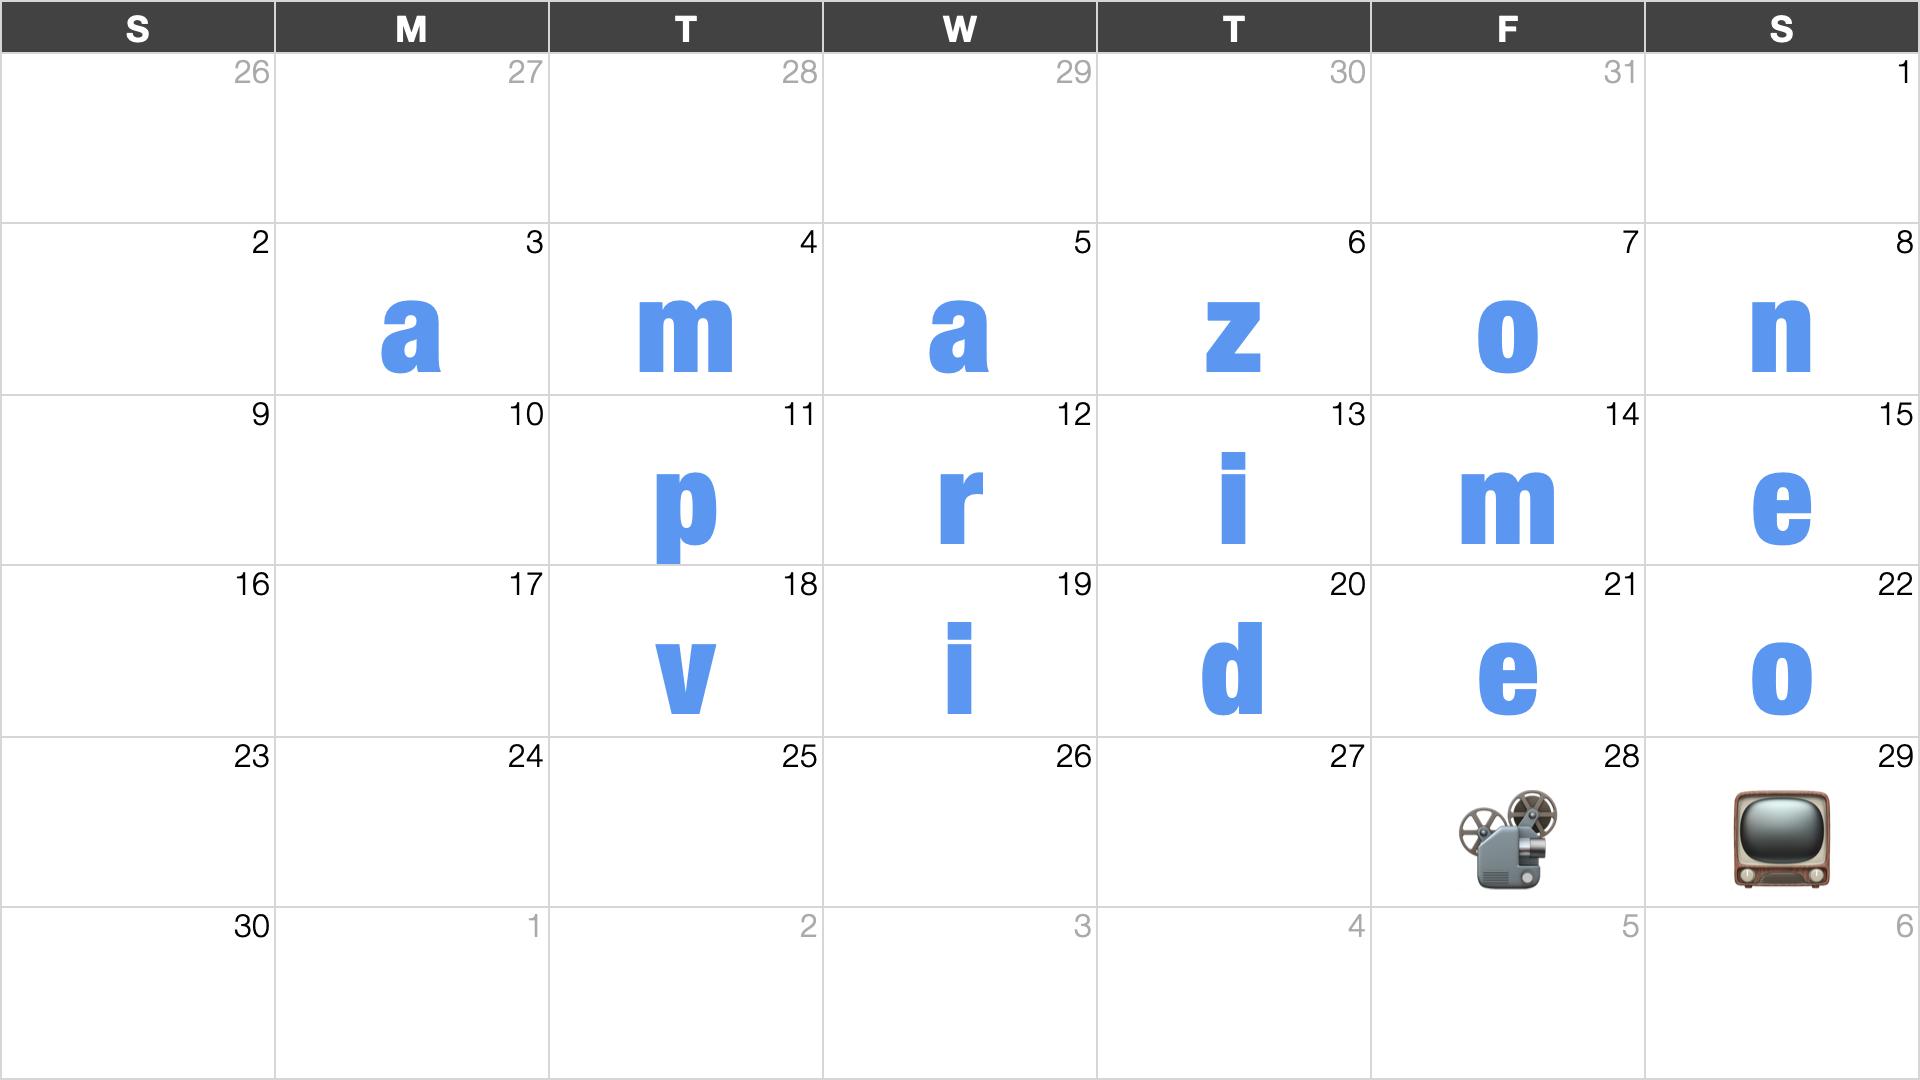 Amazon プライム 配信 予定 Amazonプライムビデオ 新着・配信予定カレンダー